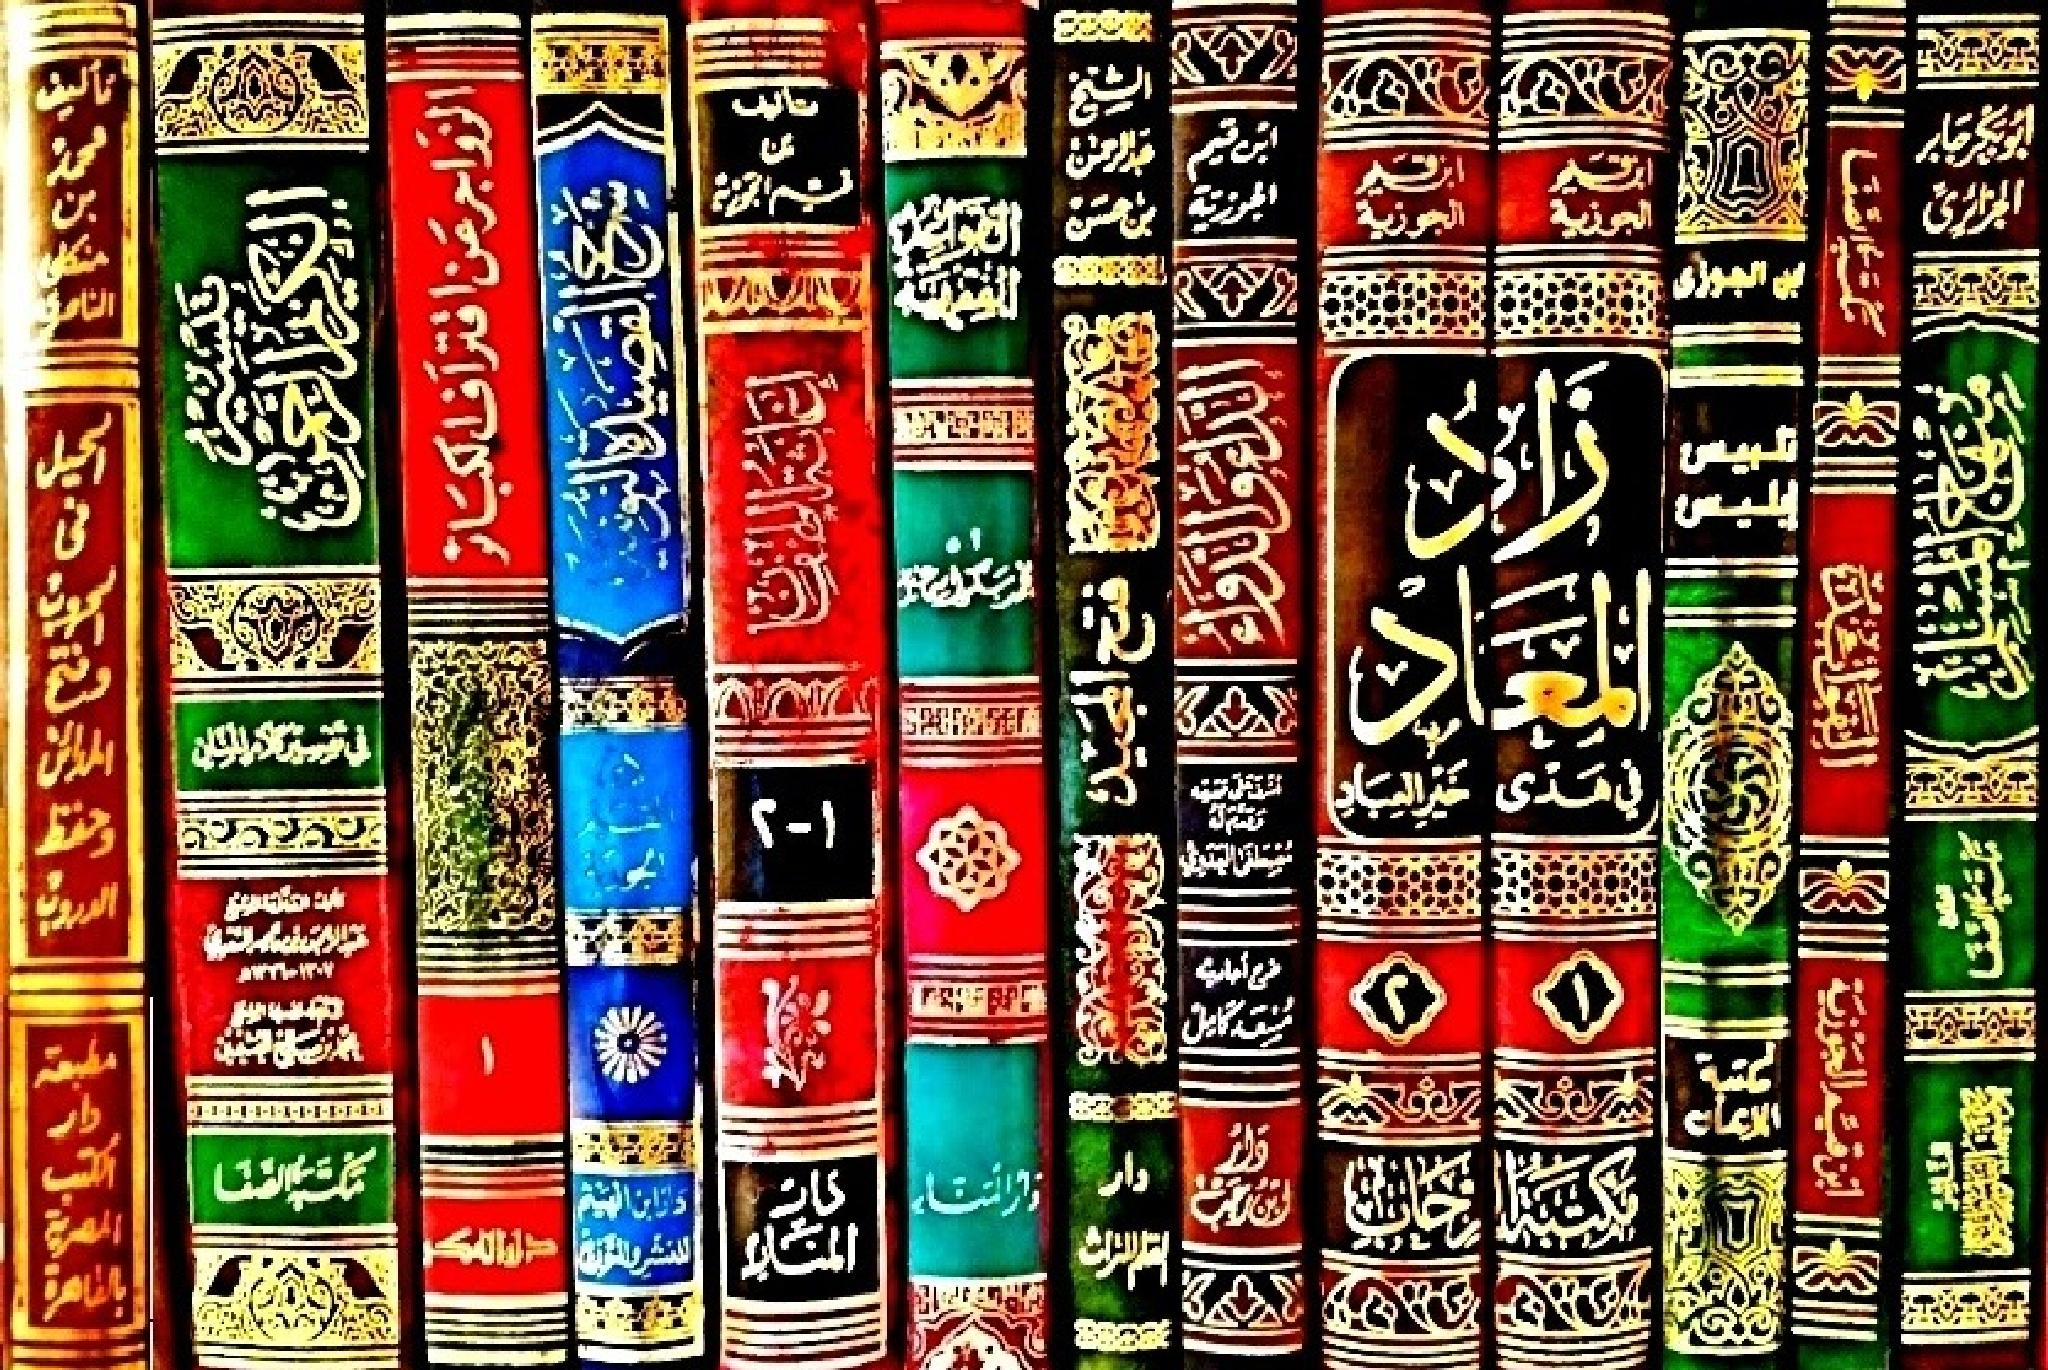 Treasures on a shelf by Abo Hamza Elmiligy